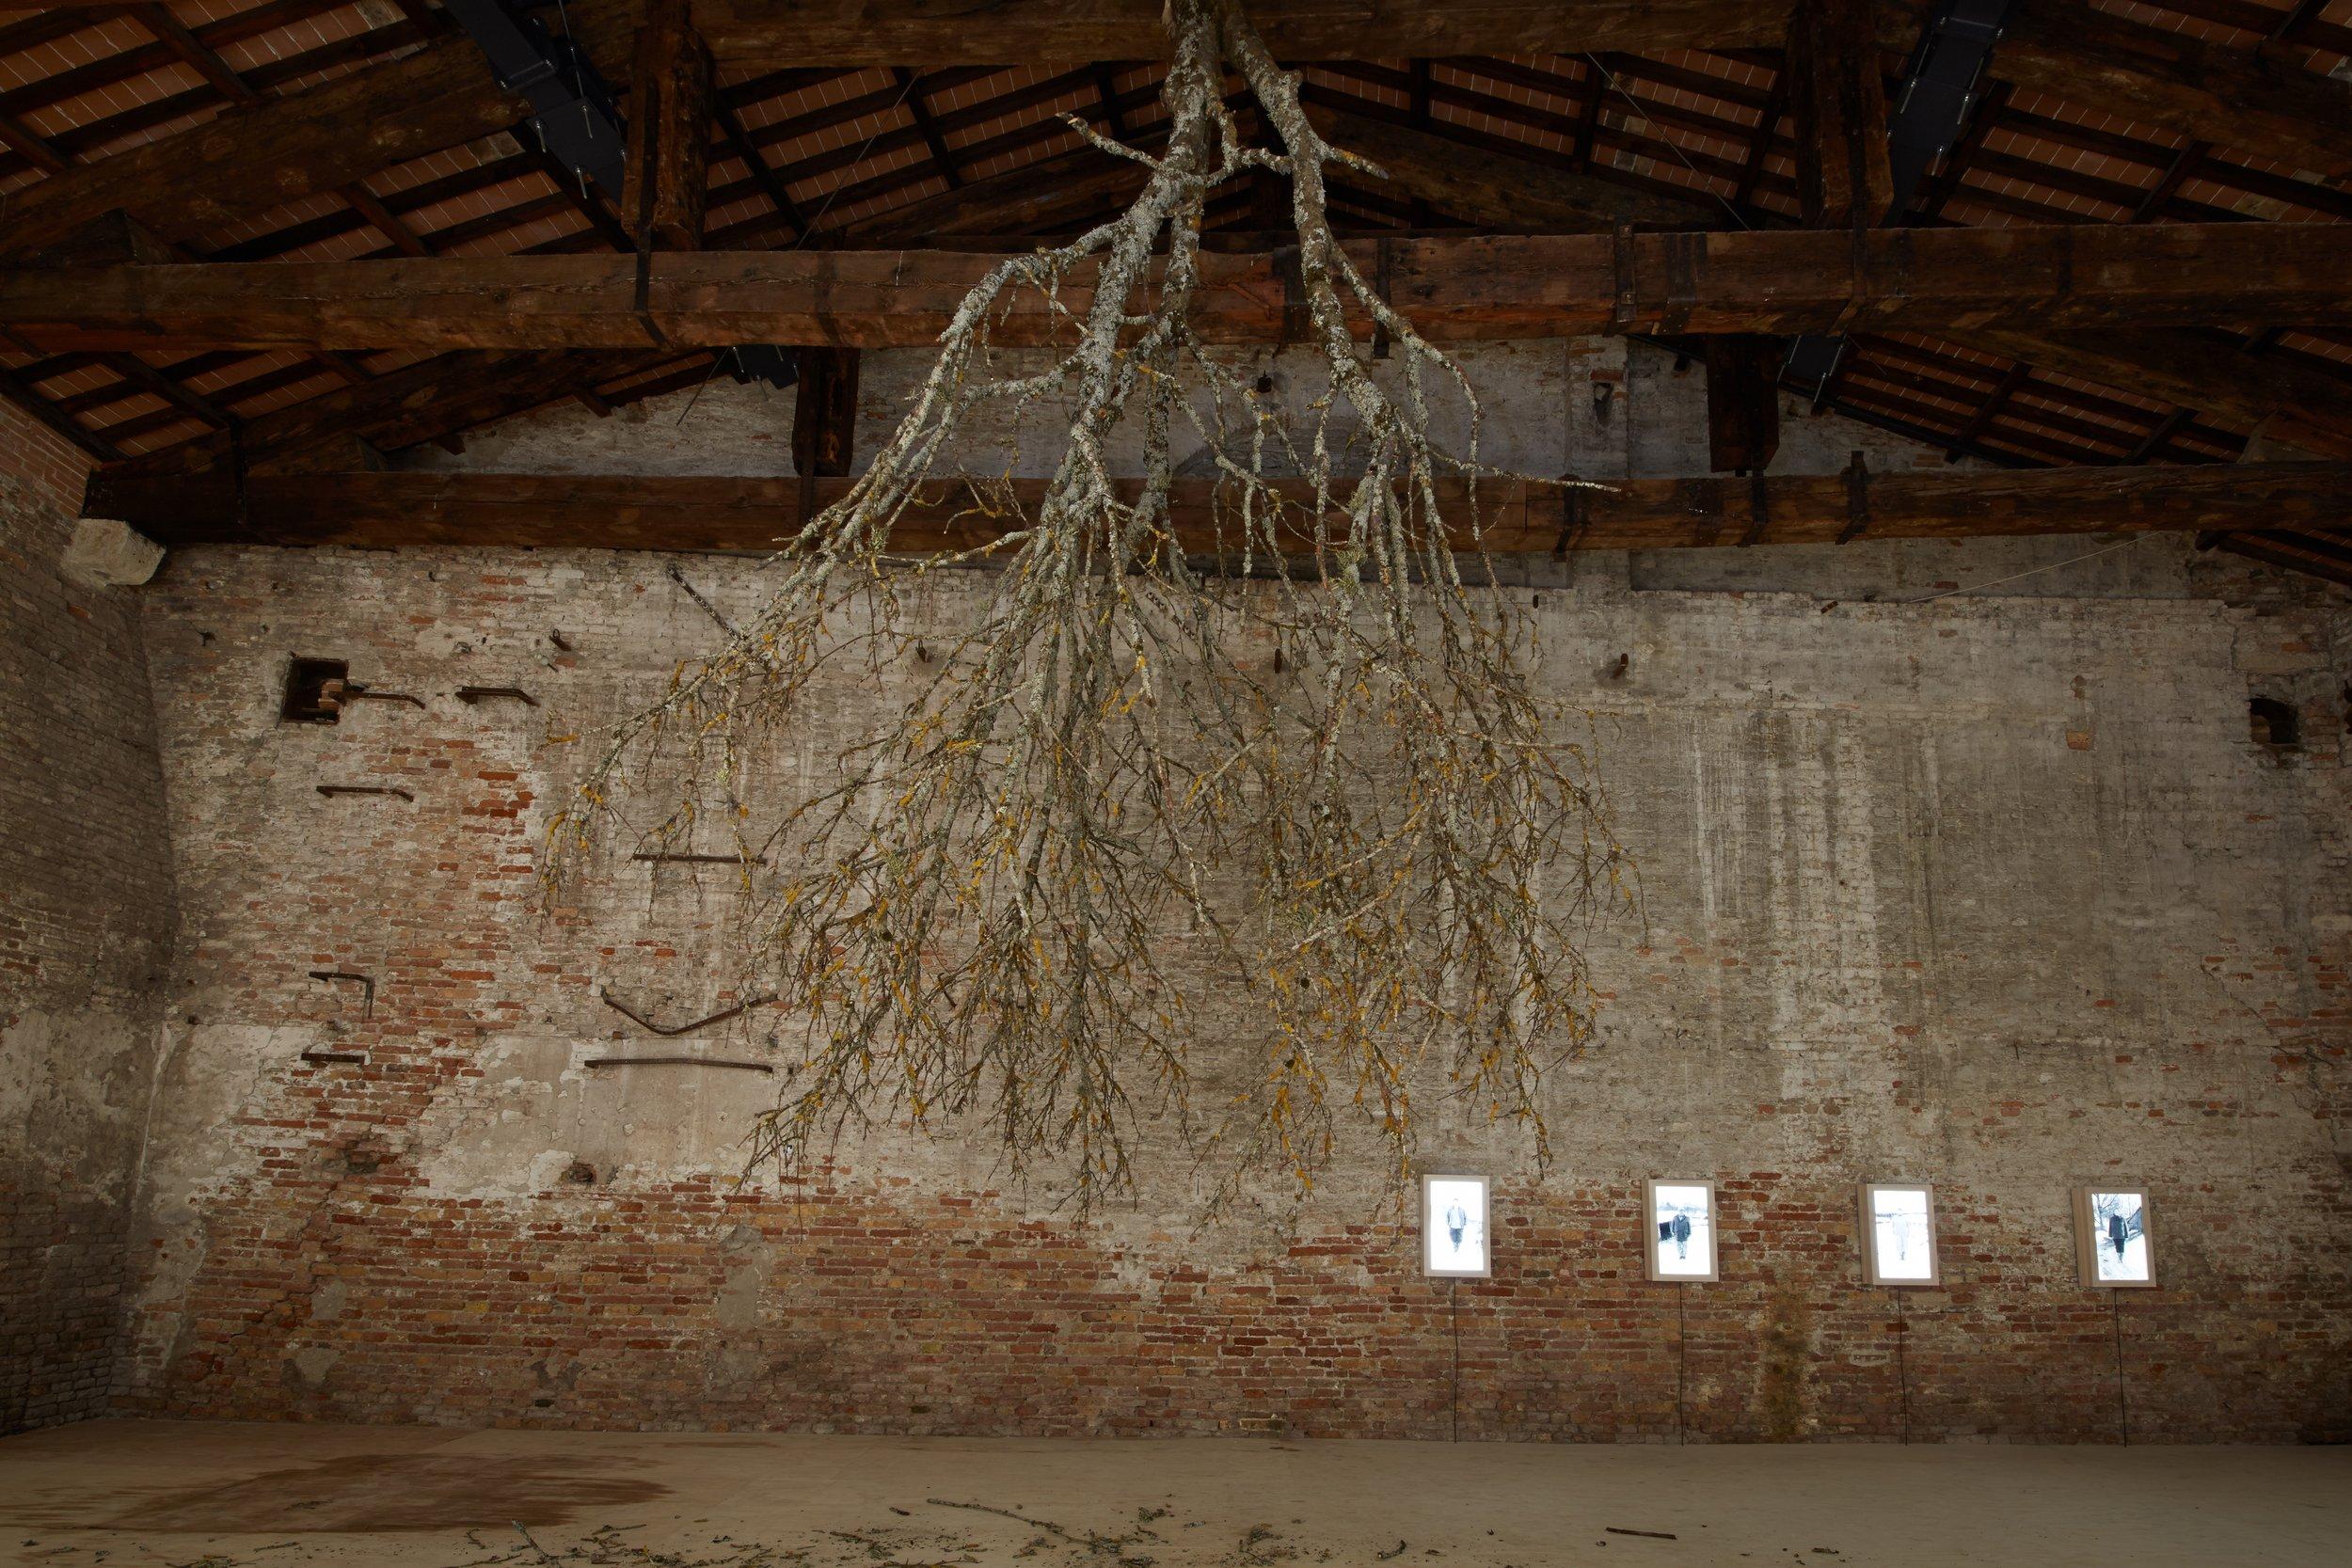 Latvian Pavilion by Kriss Salmanis and Kapsars Podnieks.Venice Biennale 2013. Photo Valts Kleins.